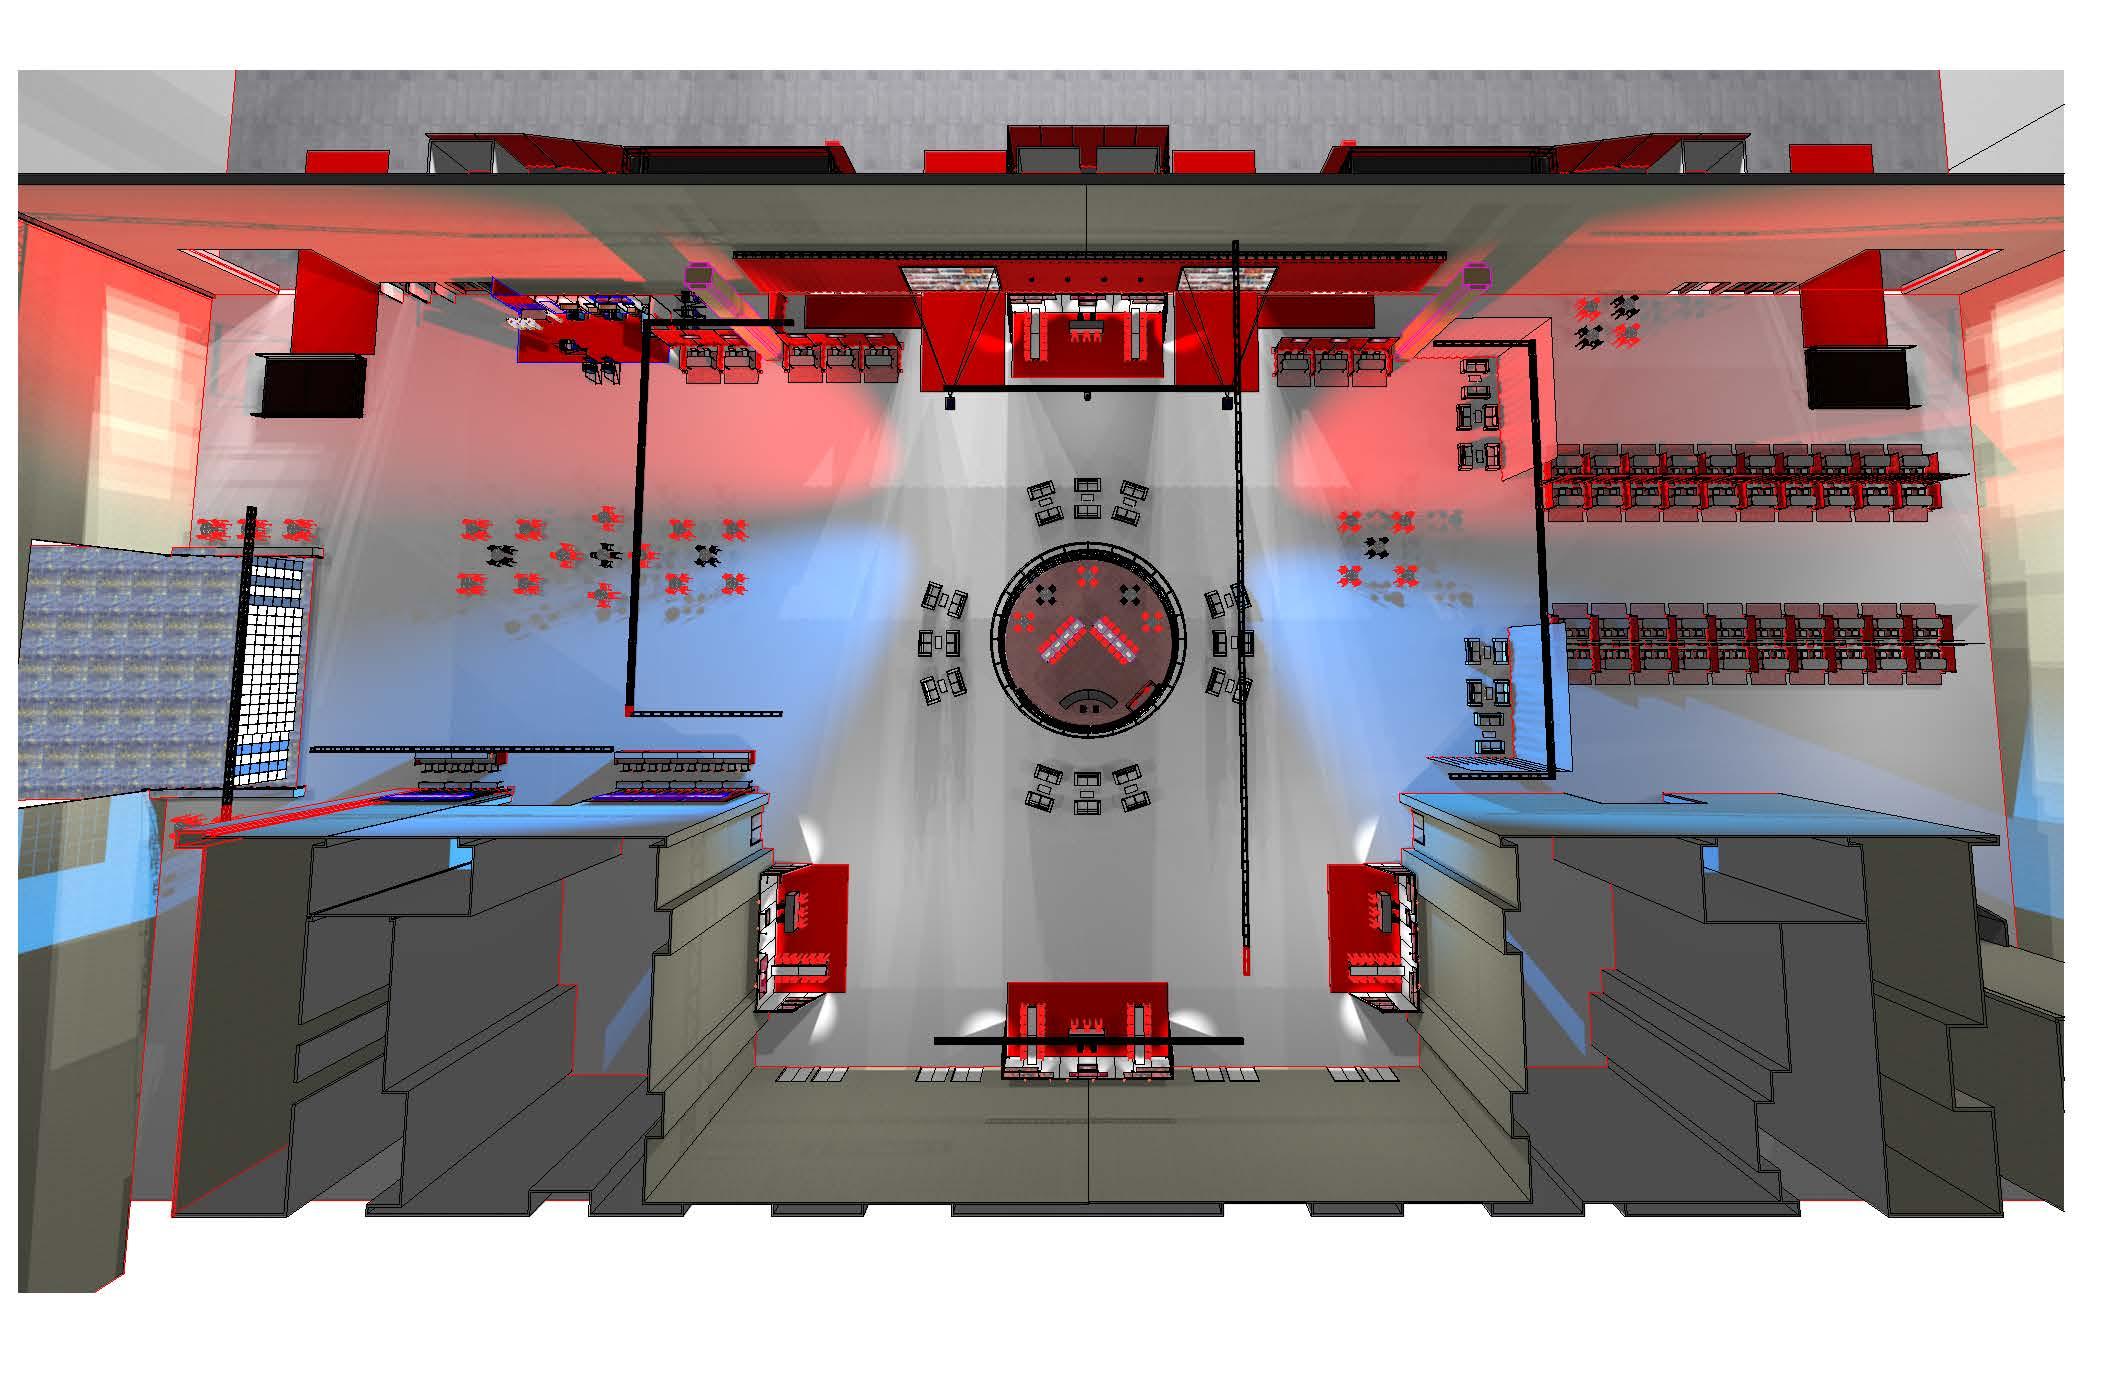 R9-Renderings - LAKESIDE 3D floorplan .jpg